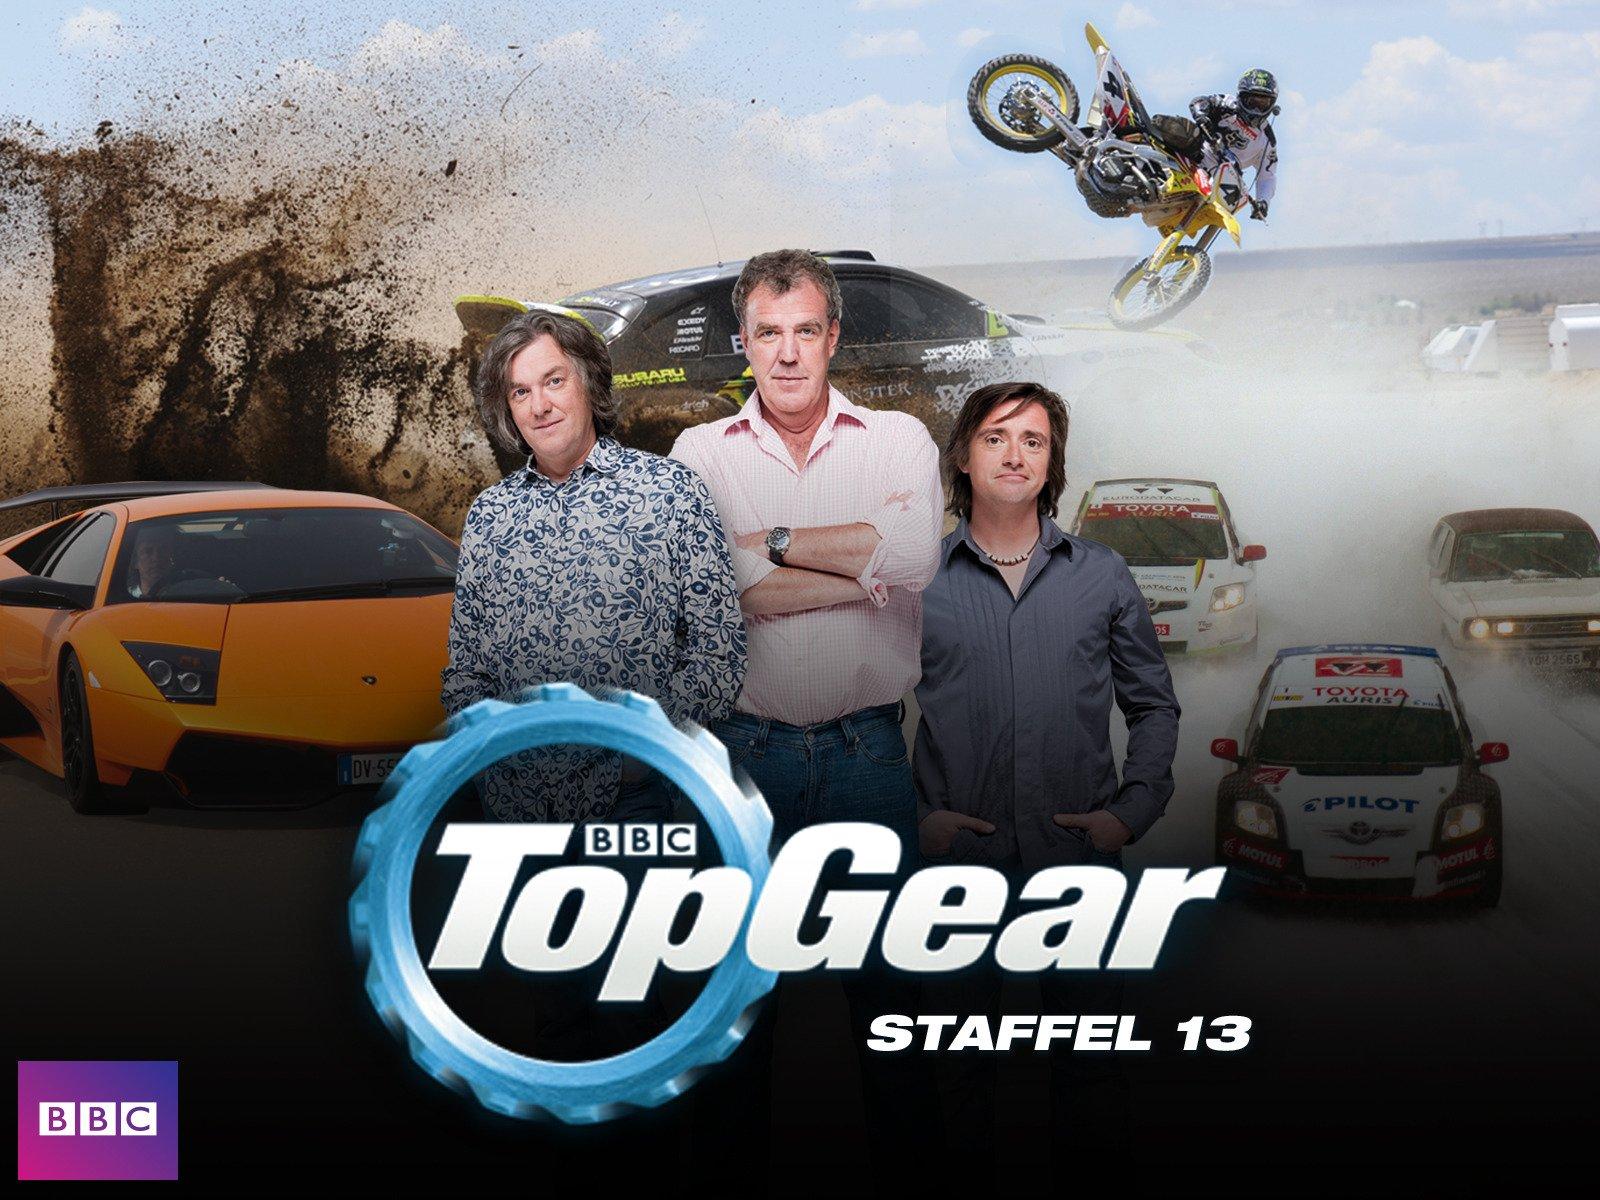 Top Gear Episodenliste